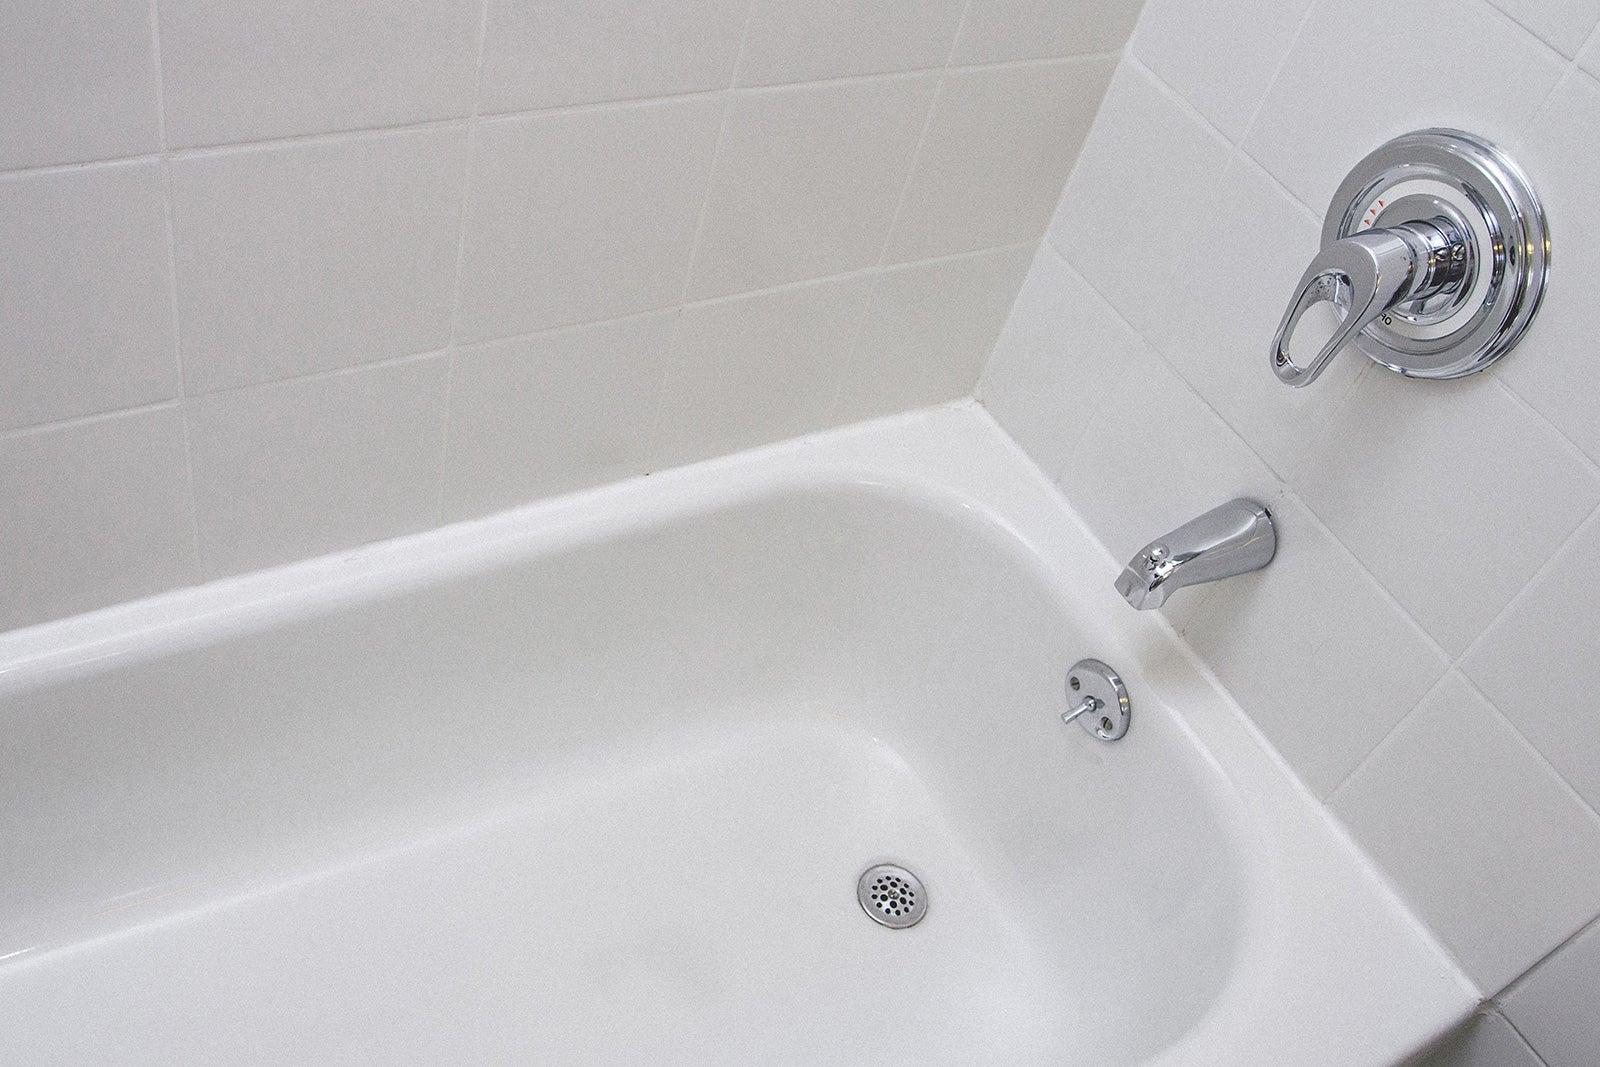 Diy Bathtub Repair Tips Home Matters Ahs